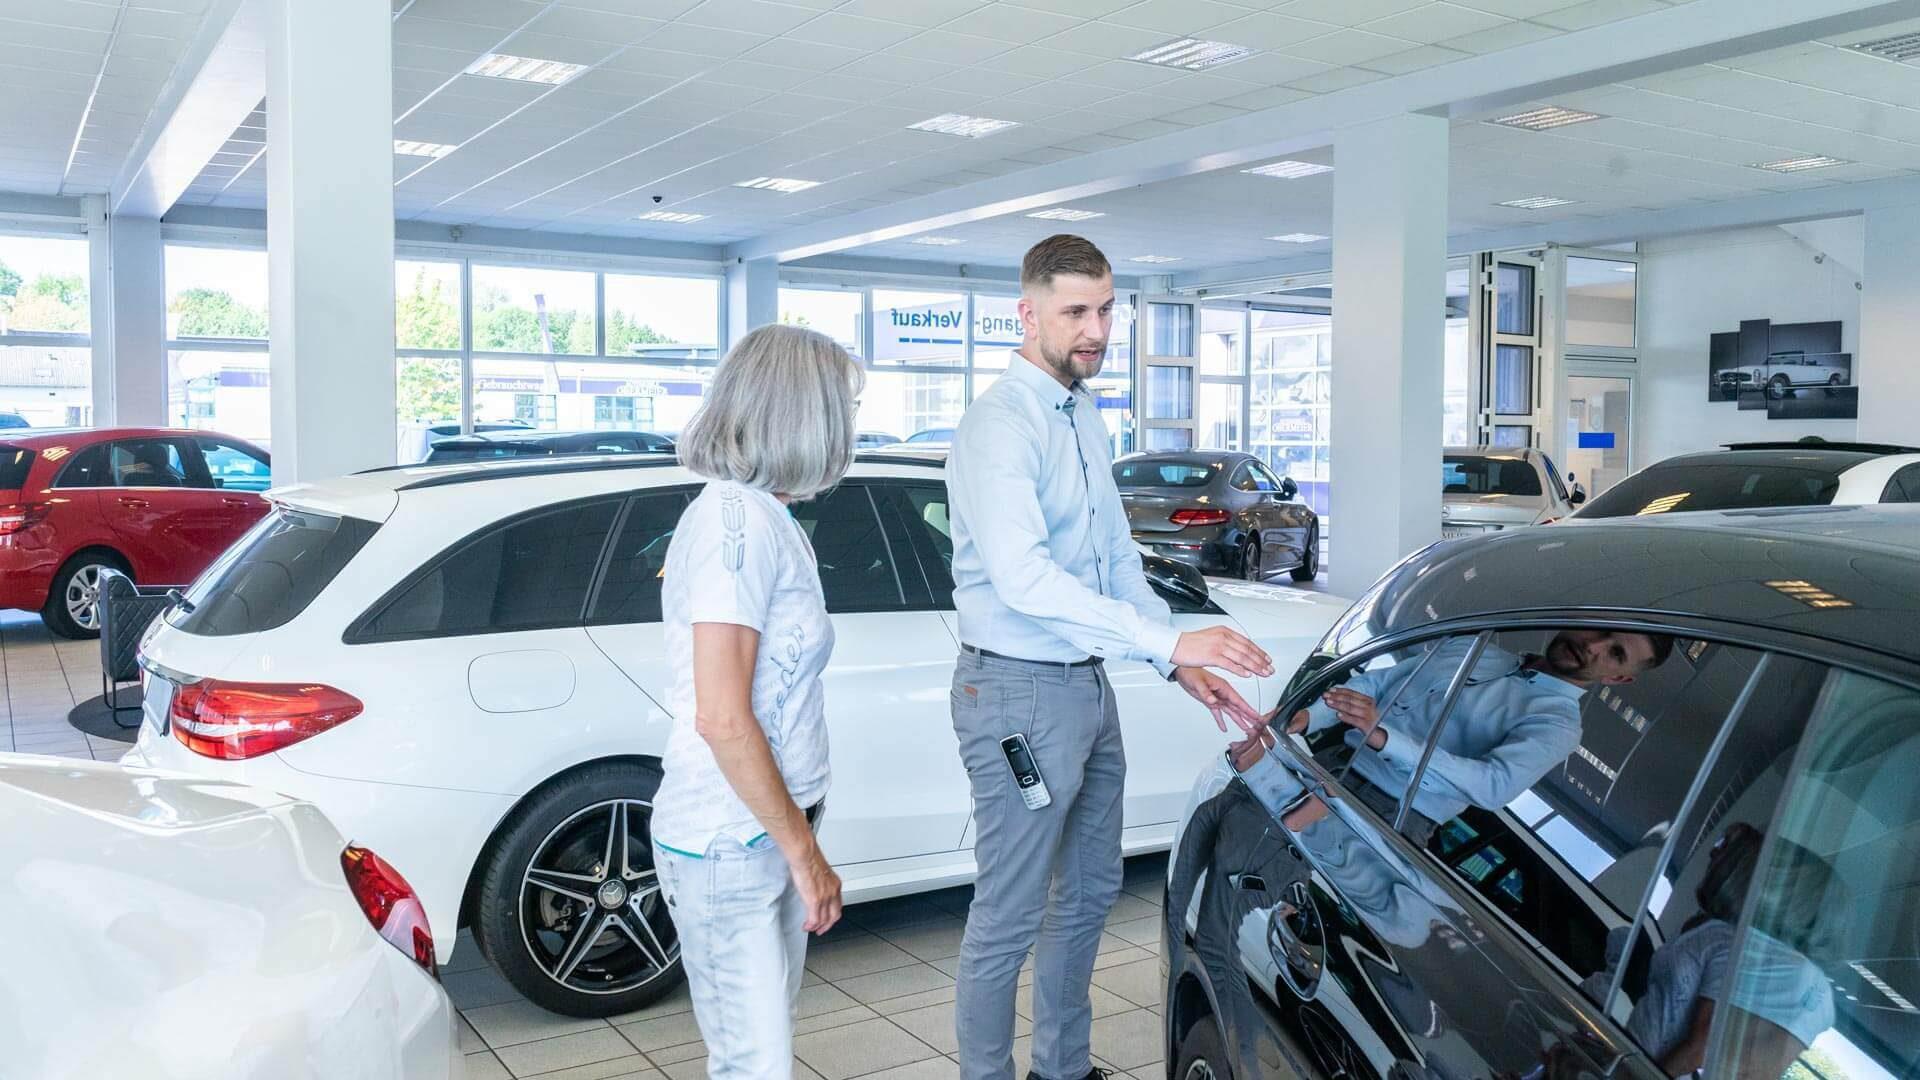 Kundengespräch vor Mercedes Gebrauchtwagen bei Automobile Obermeier in Meckenheim